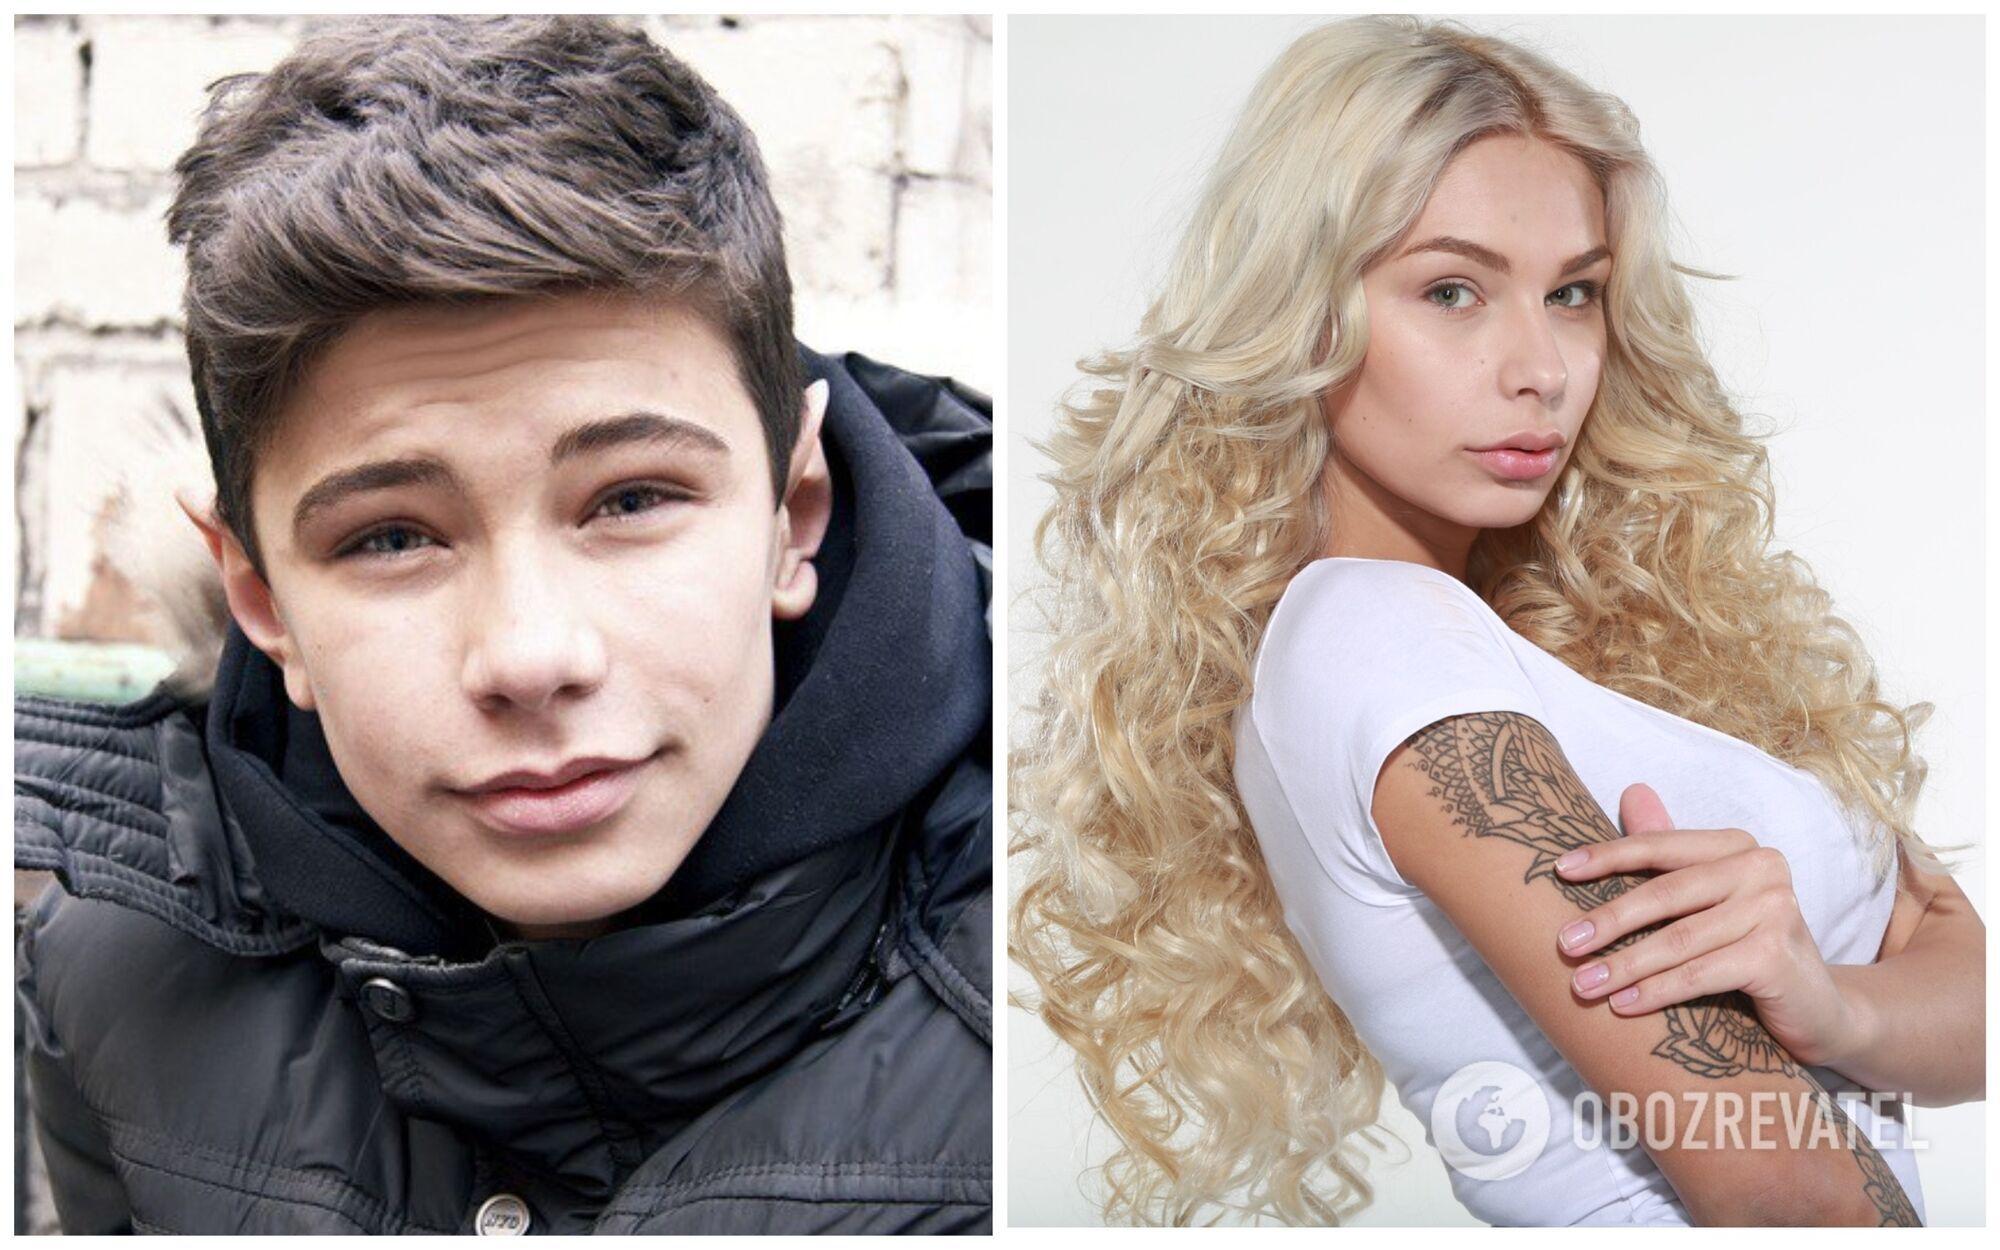 Юлия Мочалова в подростковом возрасте и сейчас